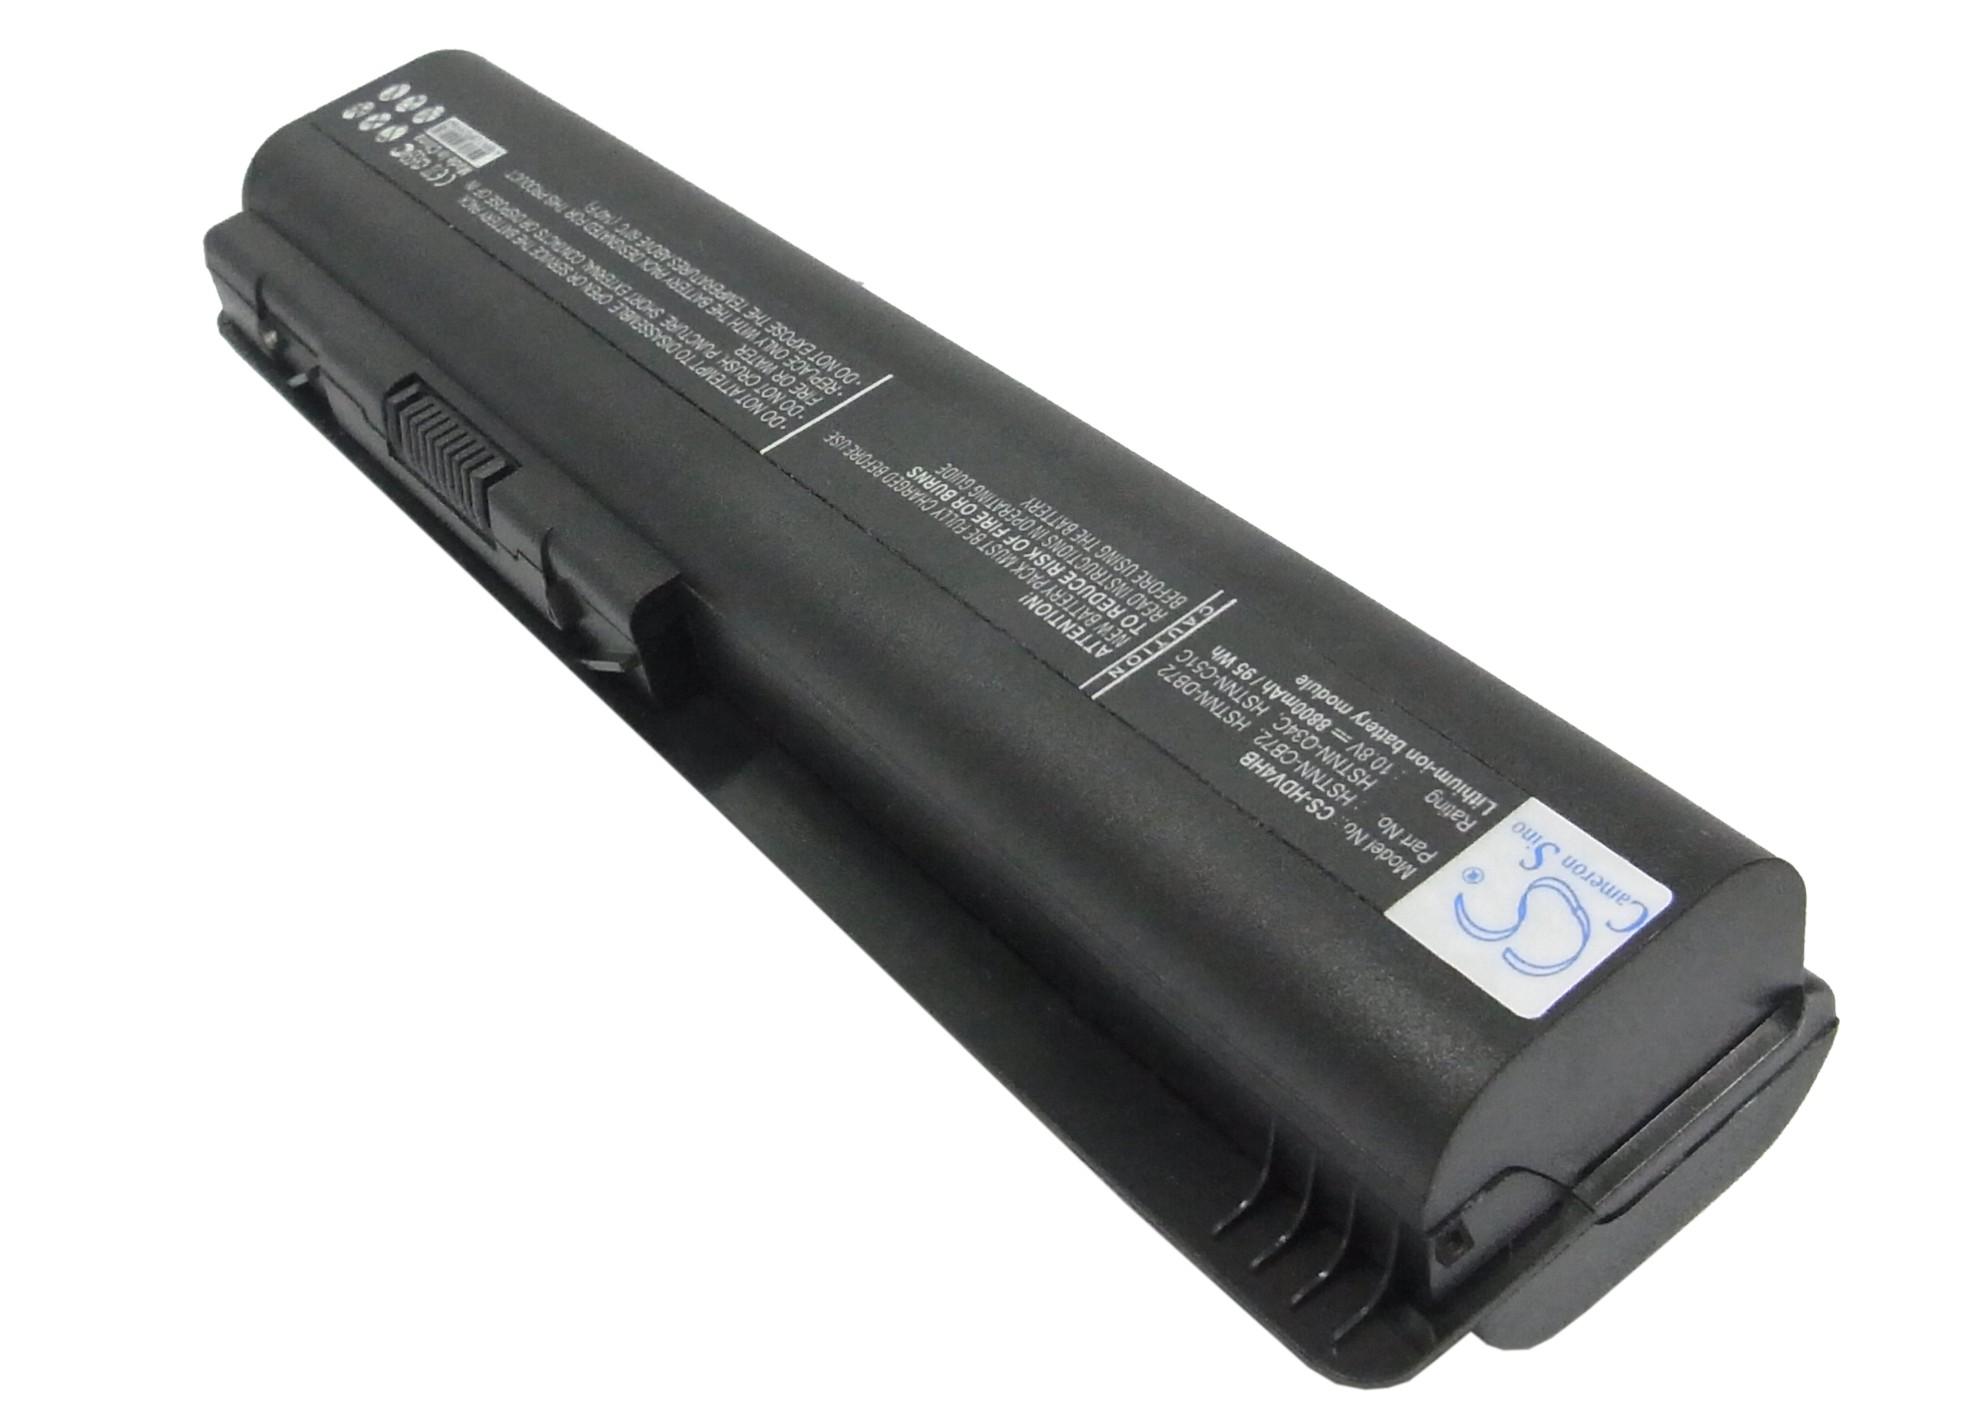 Cameron Sino baterie do notebooků pro COMPAQ Presario CQ60-204TU 10.8V Li-ion 8800mAh černá - neoriginální